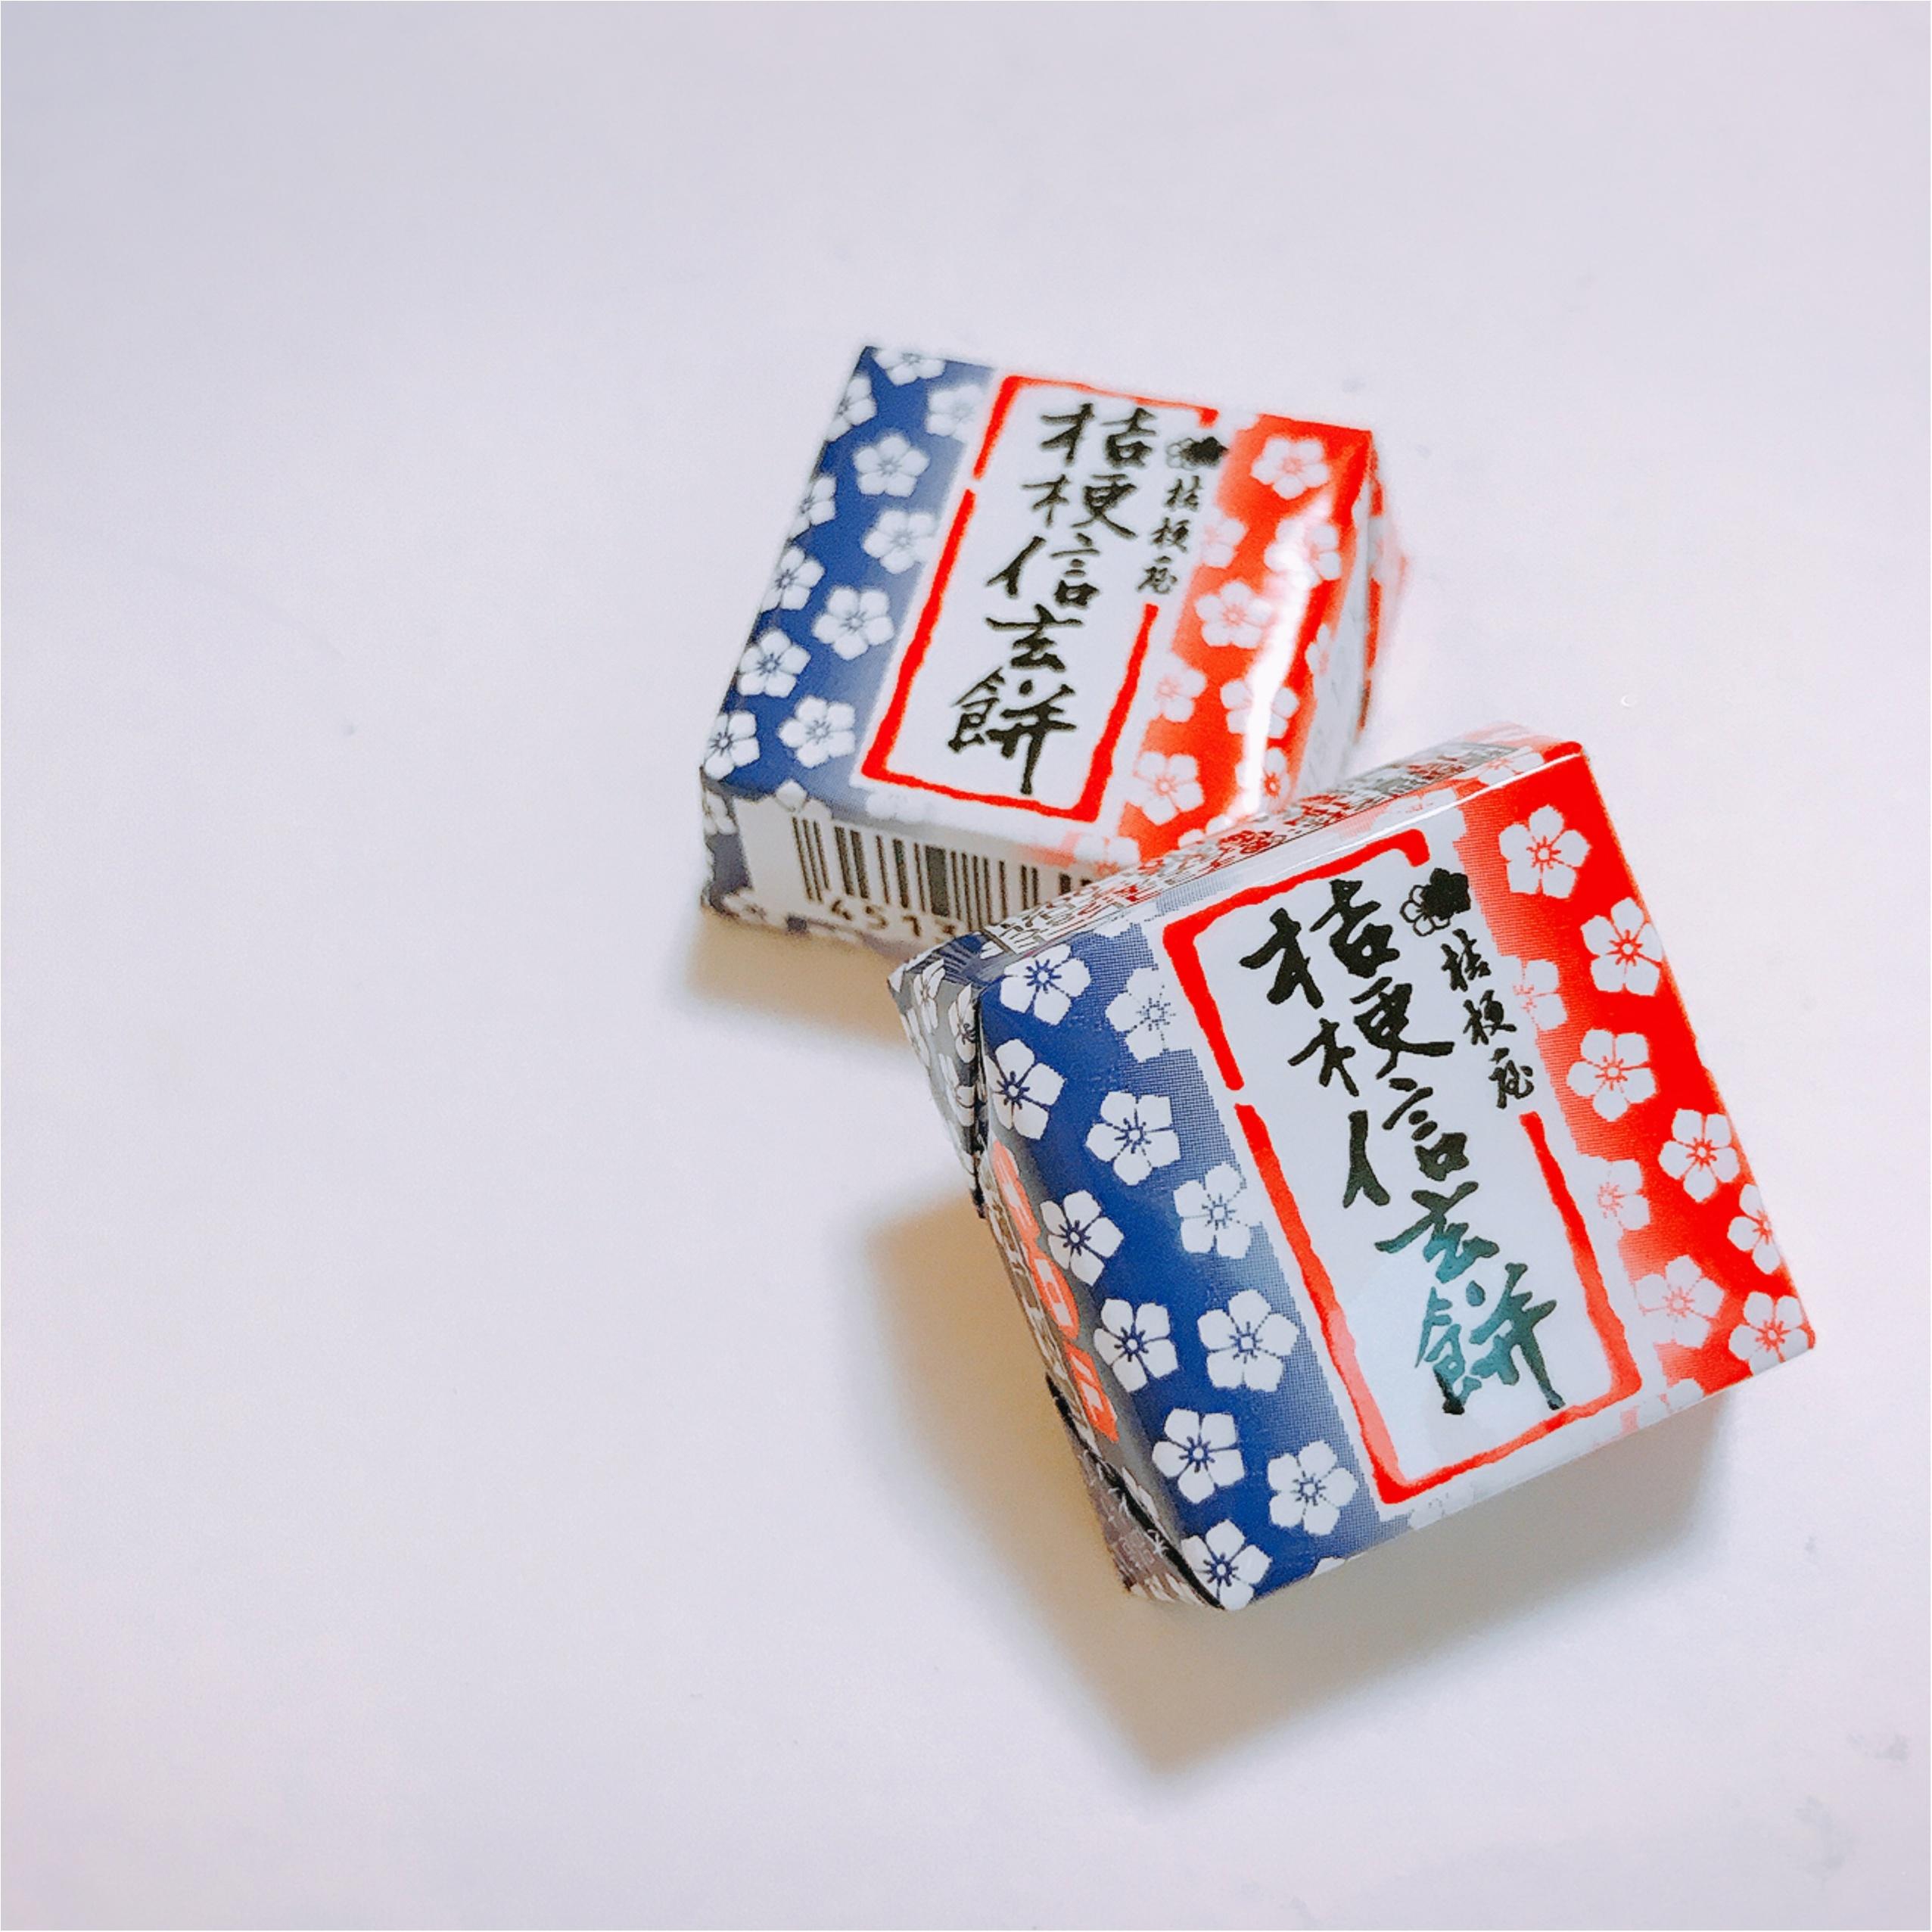 【セブンイレブン限定】2月10日発売!《チロルチョコ 桔梗信玄餅》がおいしすぎるっ♡_1